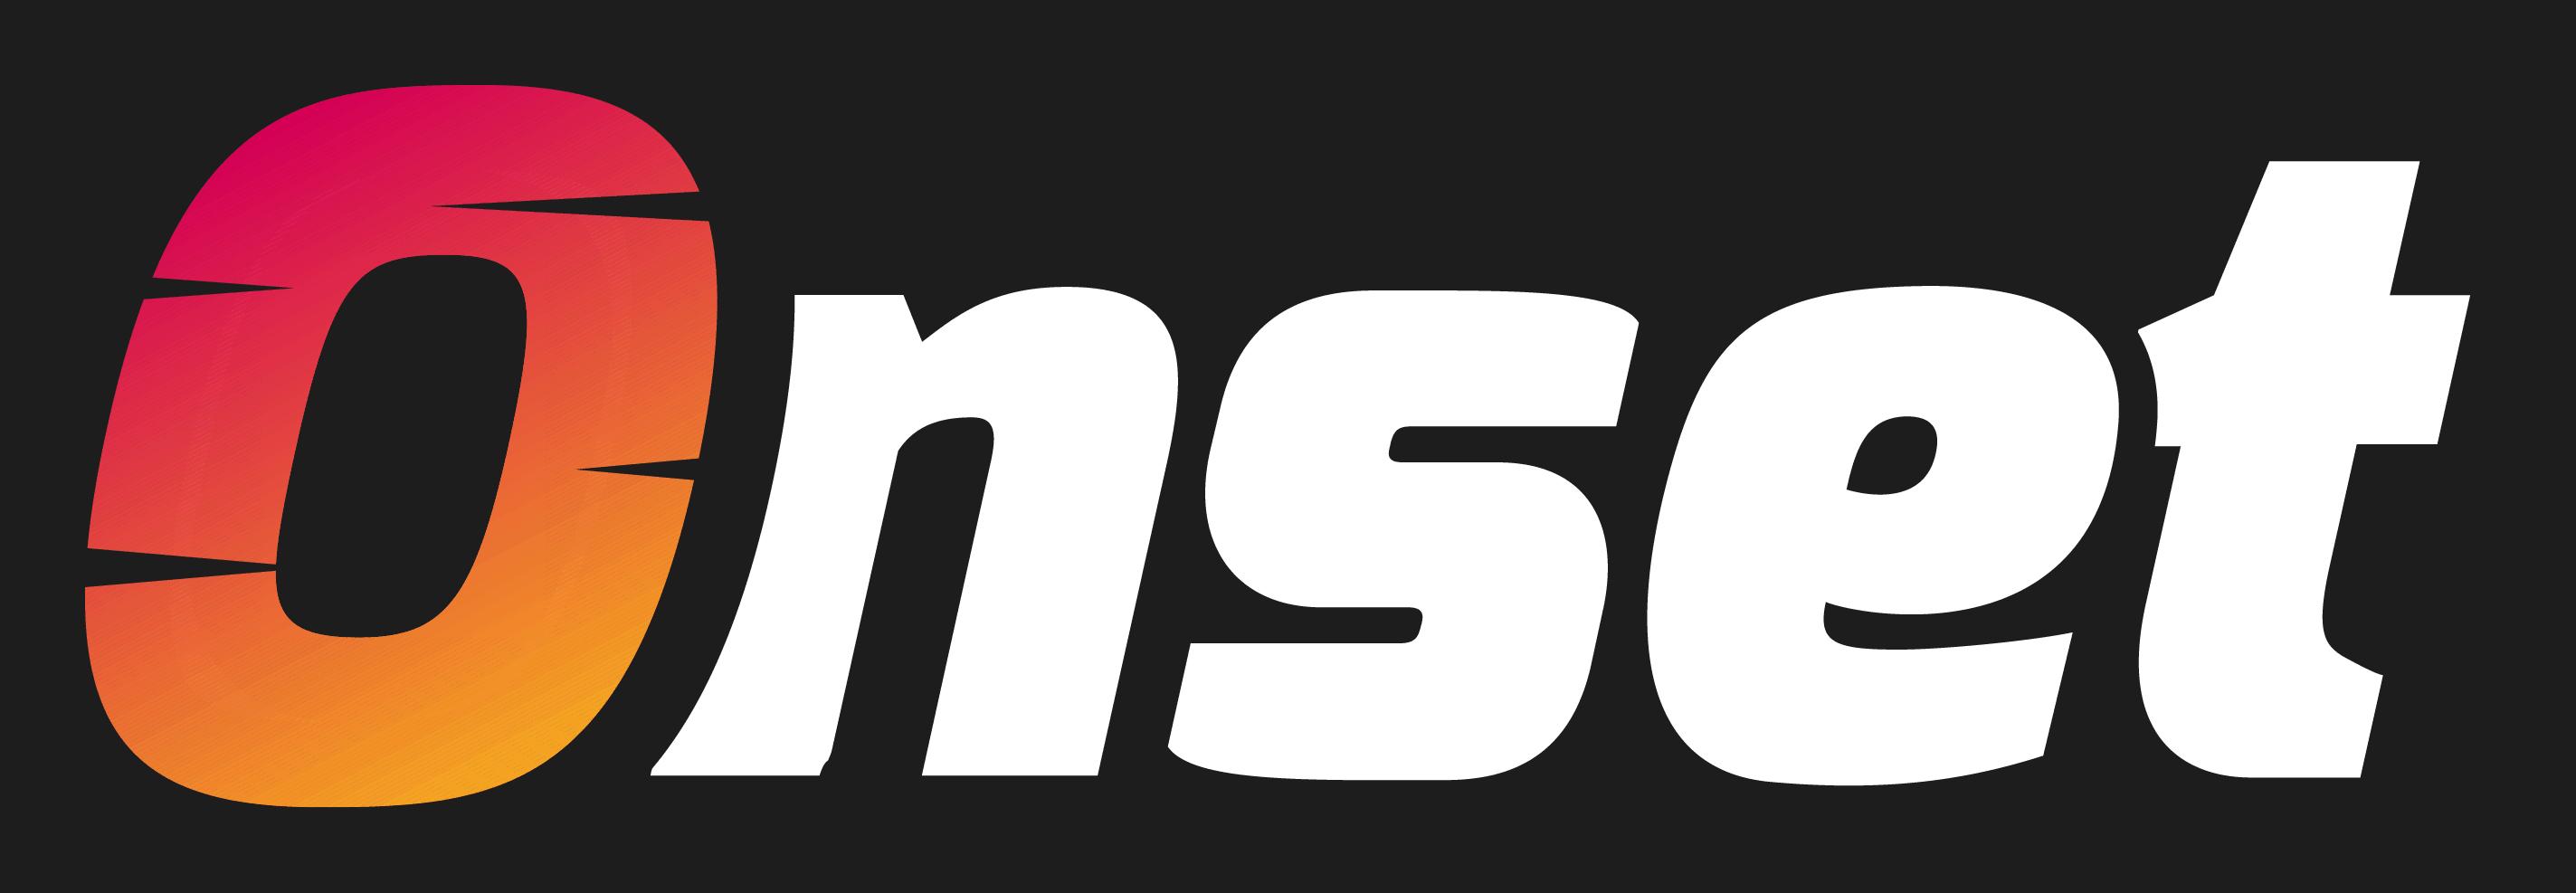 Onset-log-image